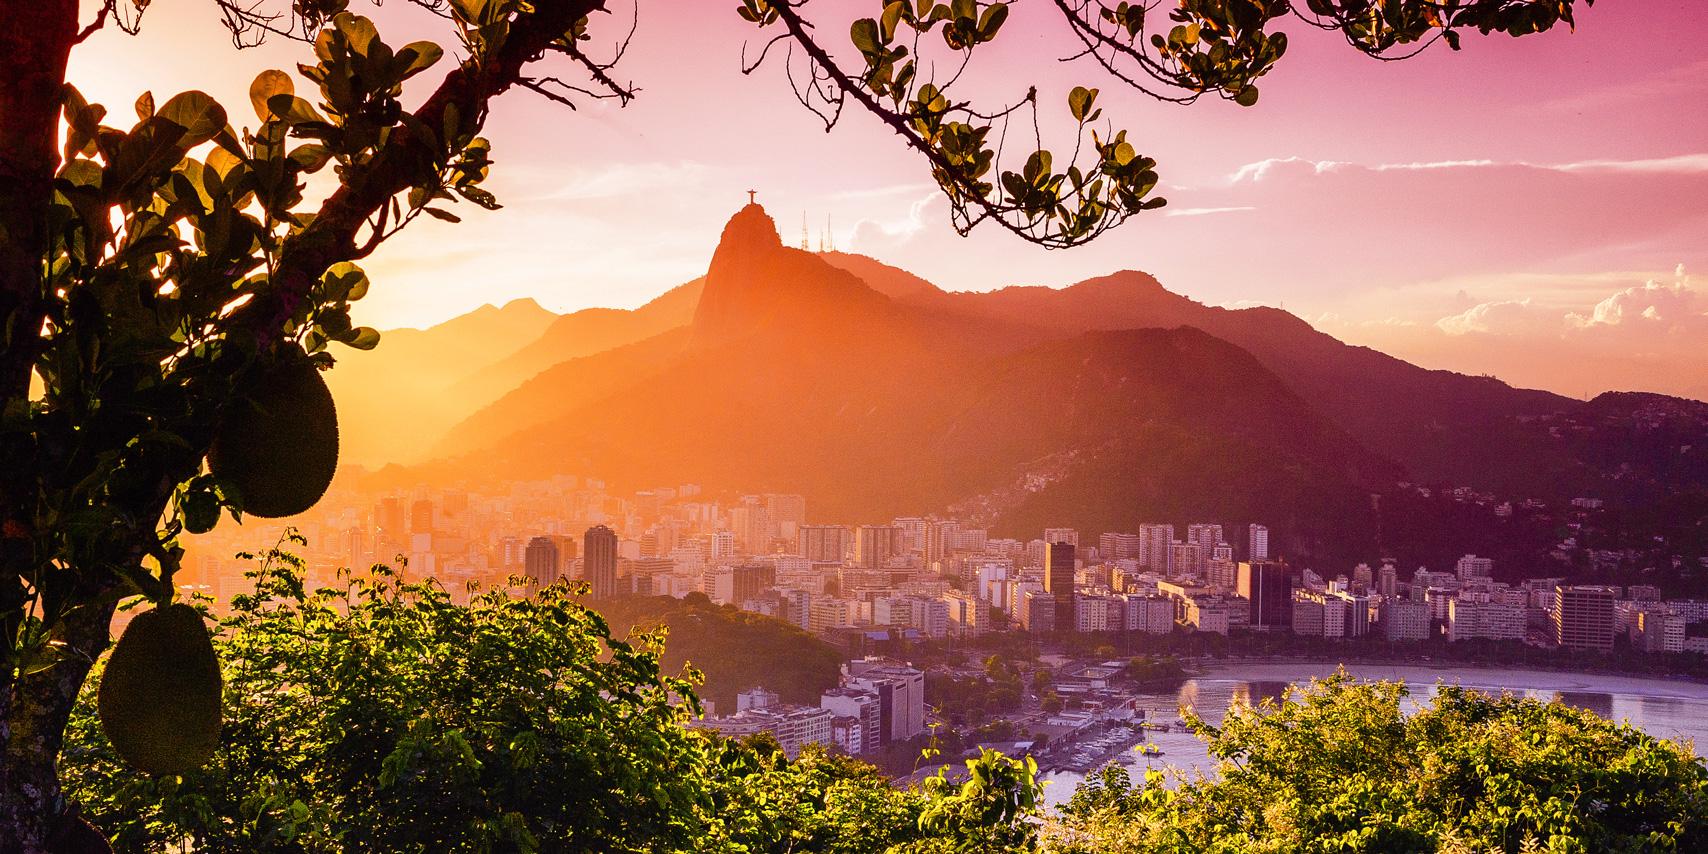 Rio de Janerio, Brazil Corcovado_Christ the Redeemer